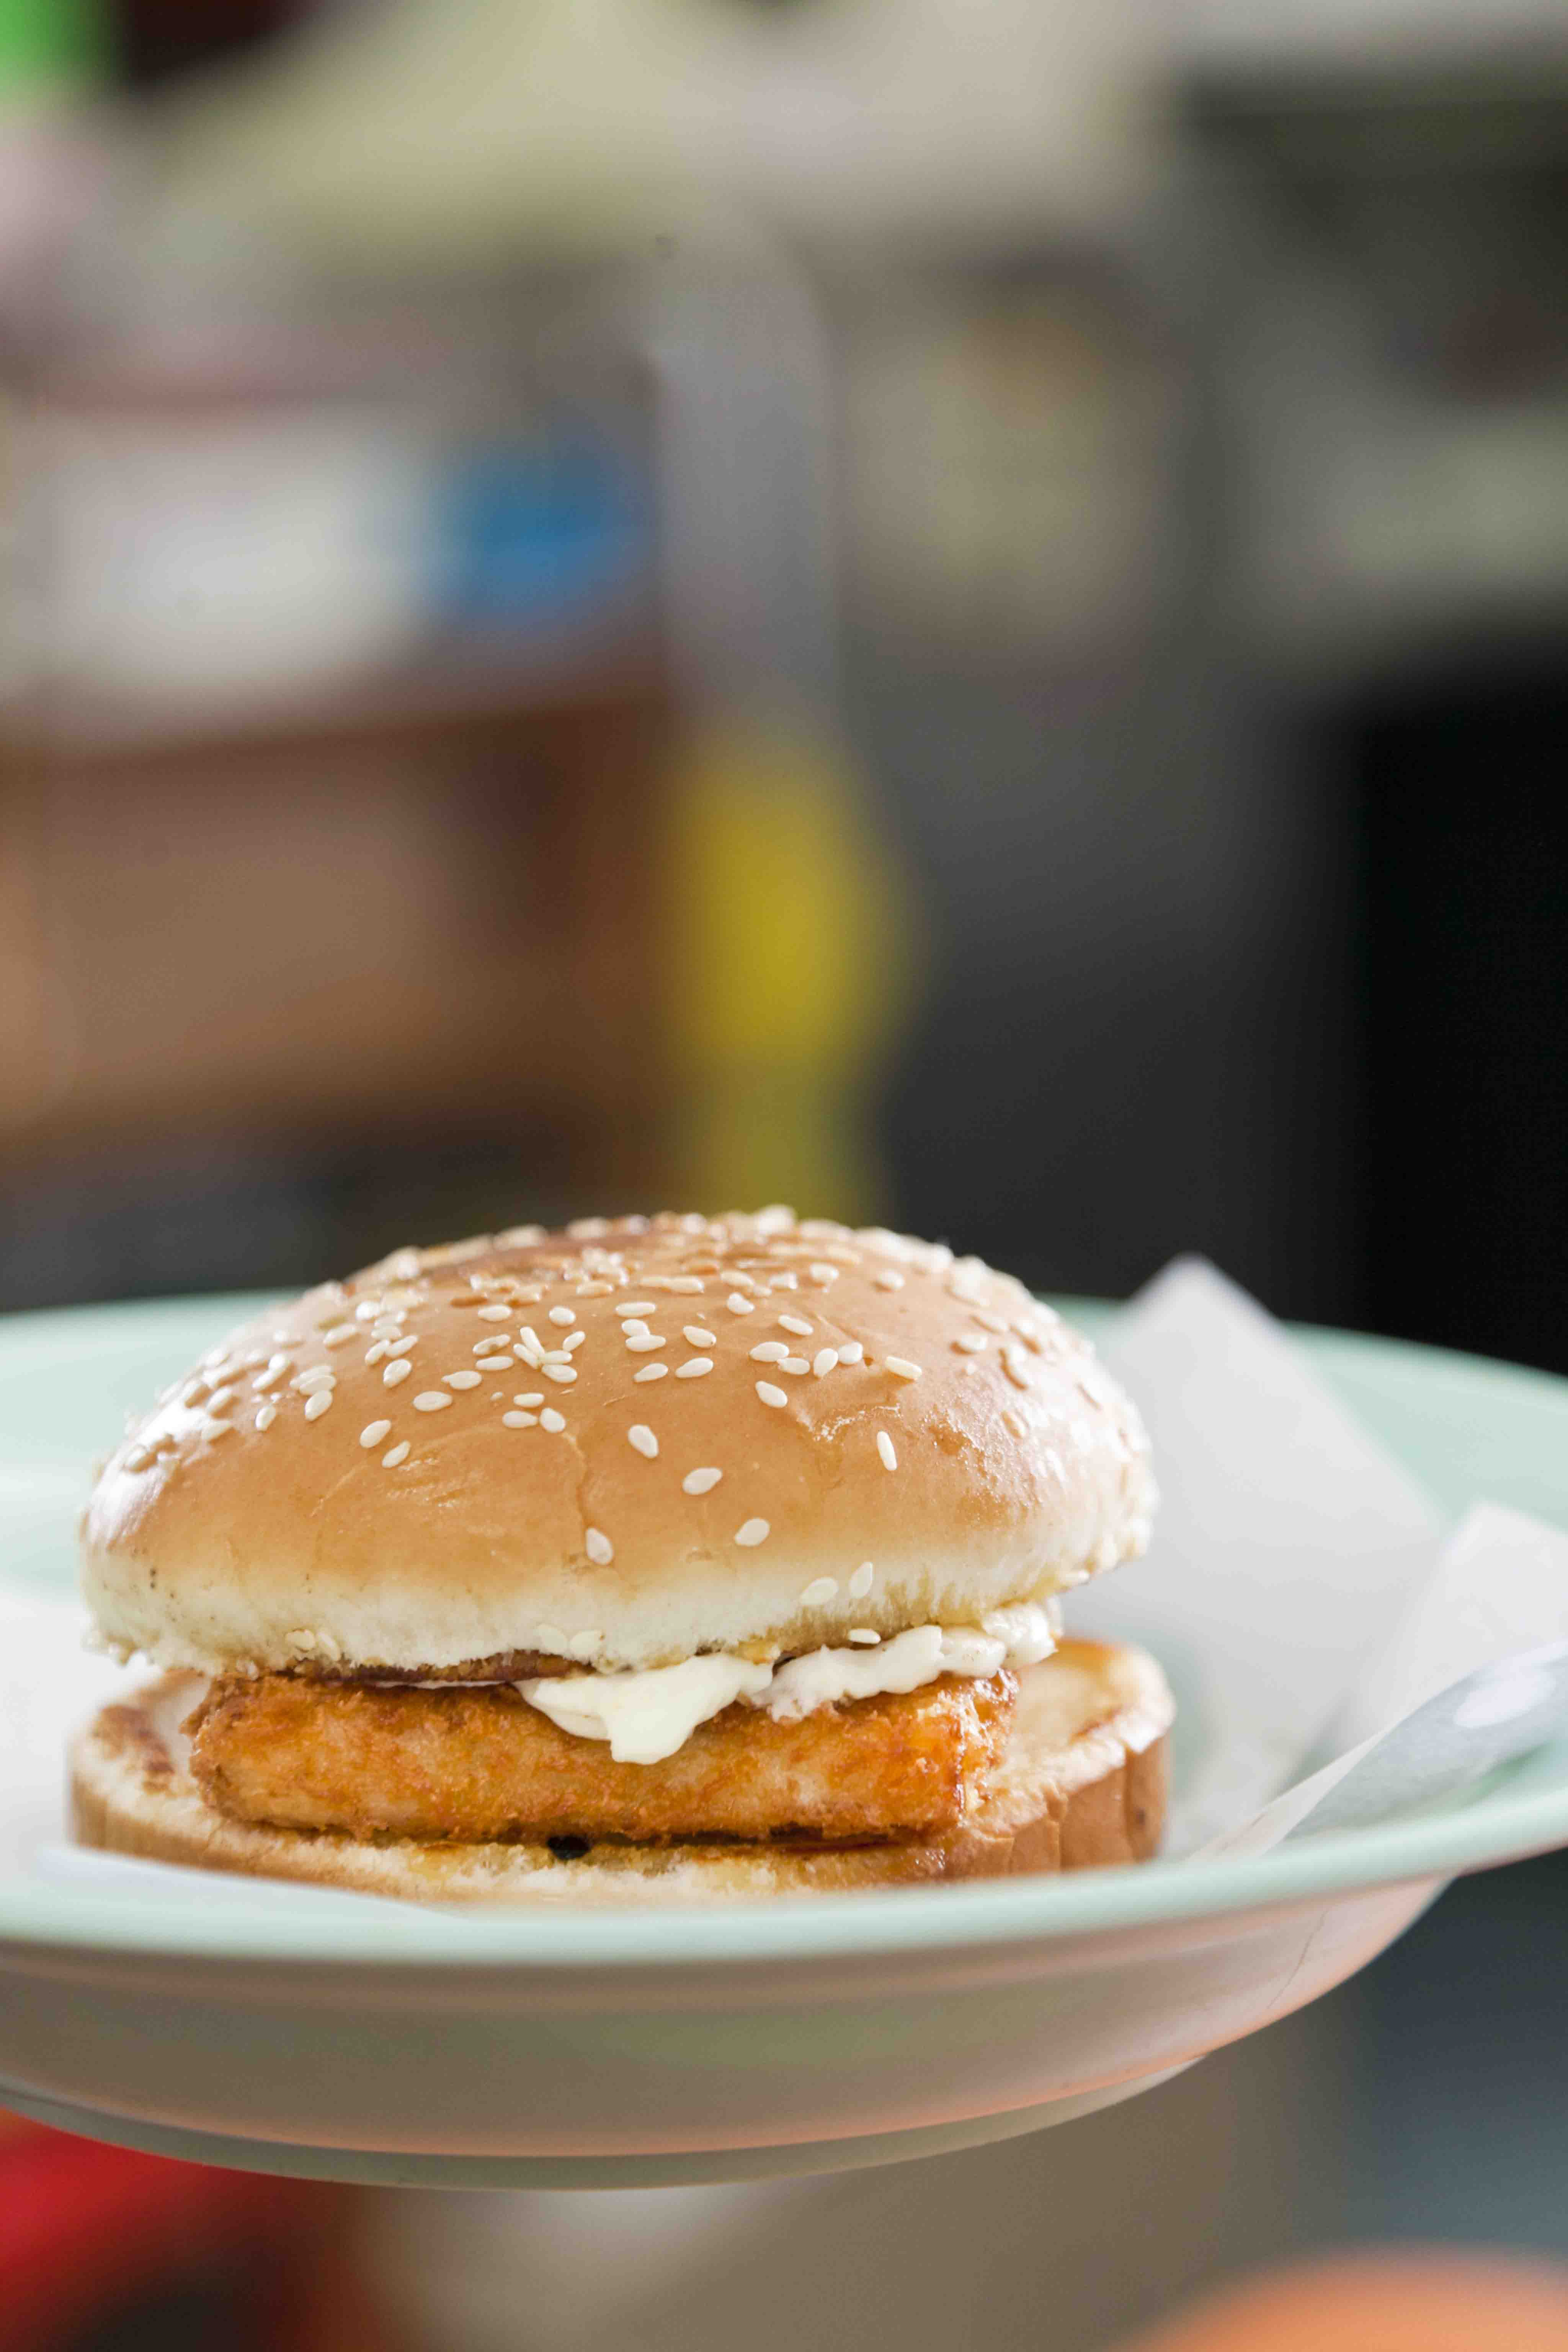 魚柳包 $14新鮮炸起的魚柳香脆,仍能吃到魚肉的纖維,簡單配上沙律醬,便是經典的港式漢堡。